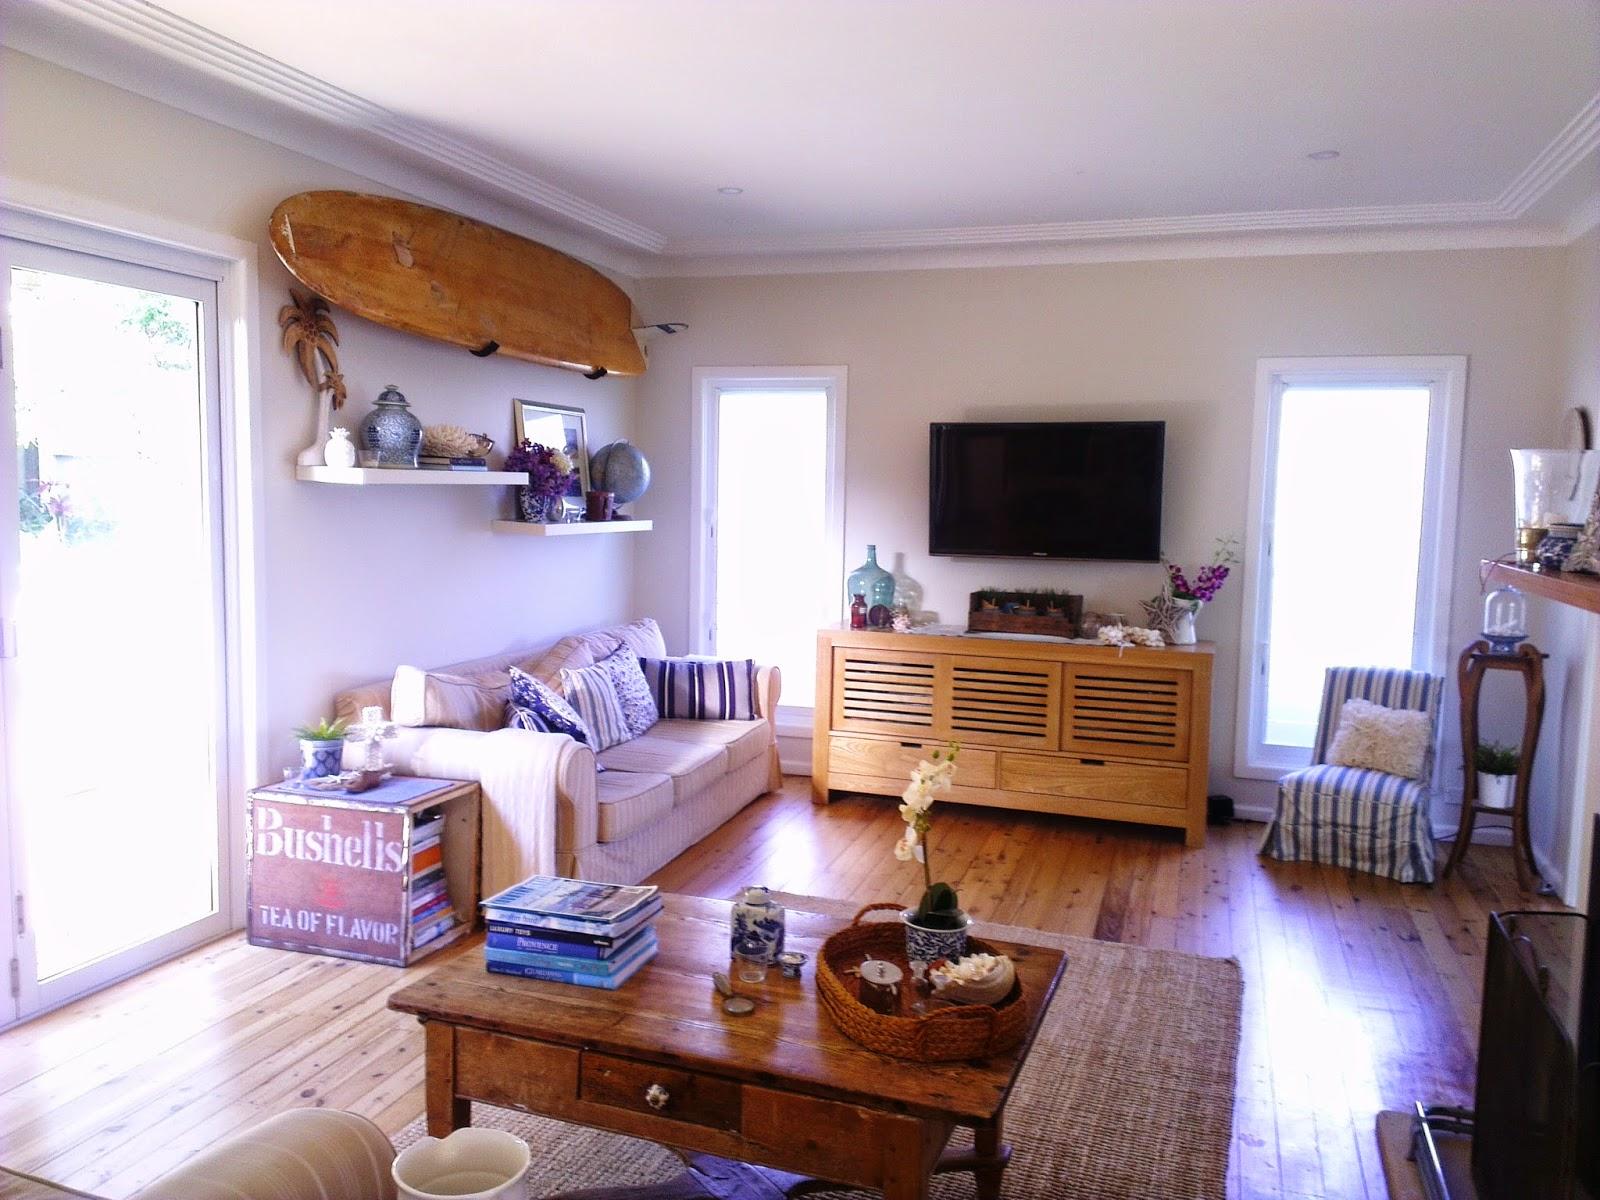 upscale decor awesome home and coastal house beach